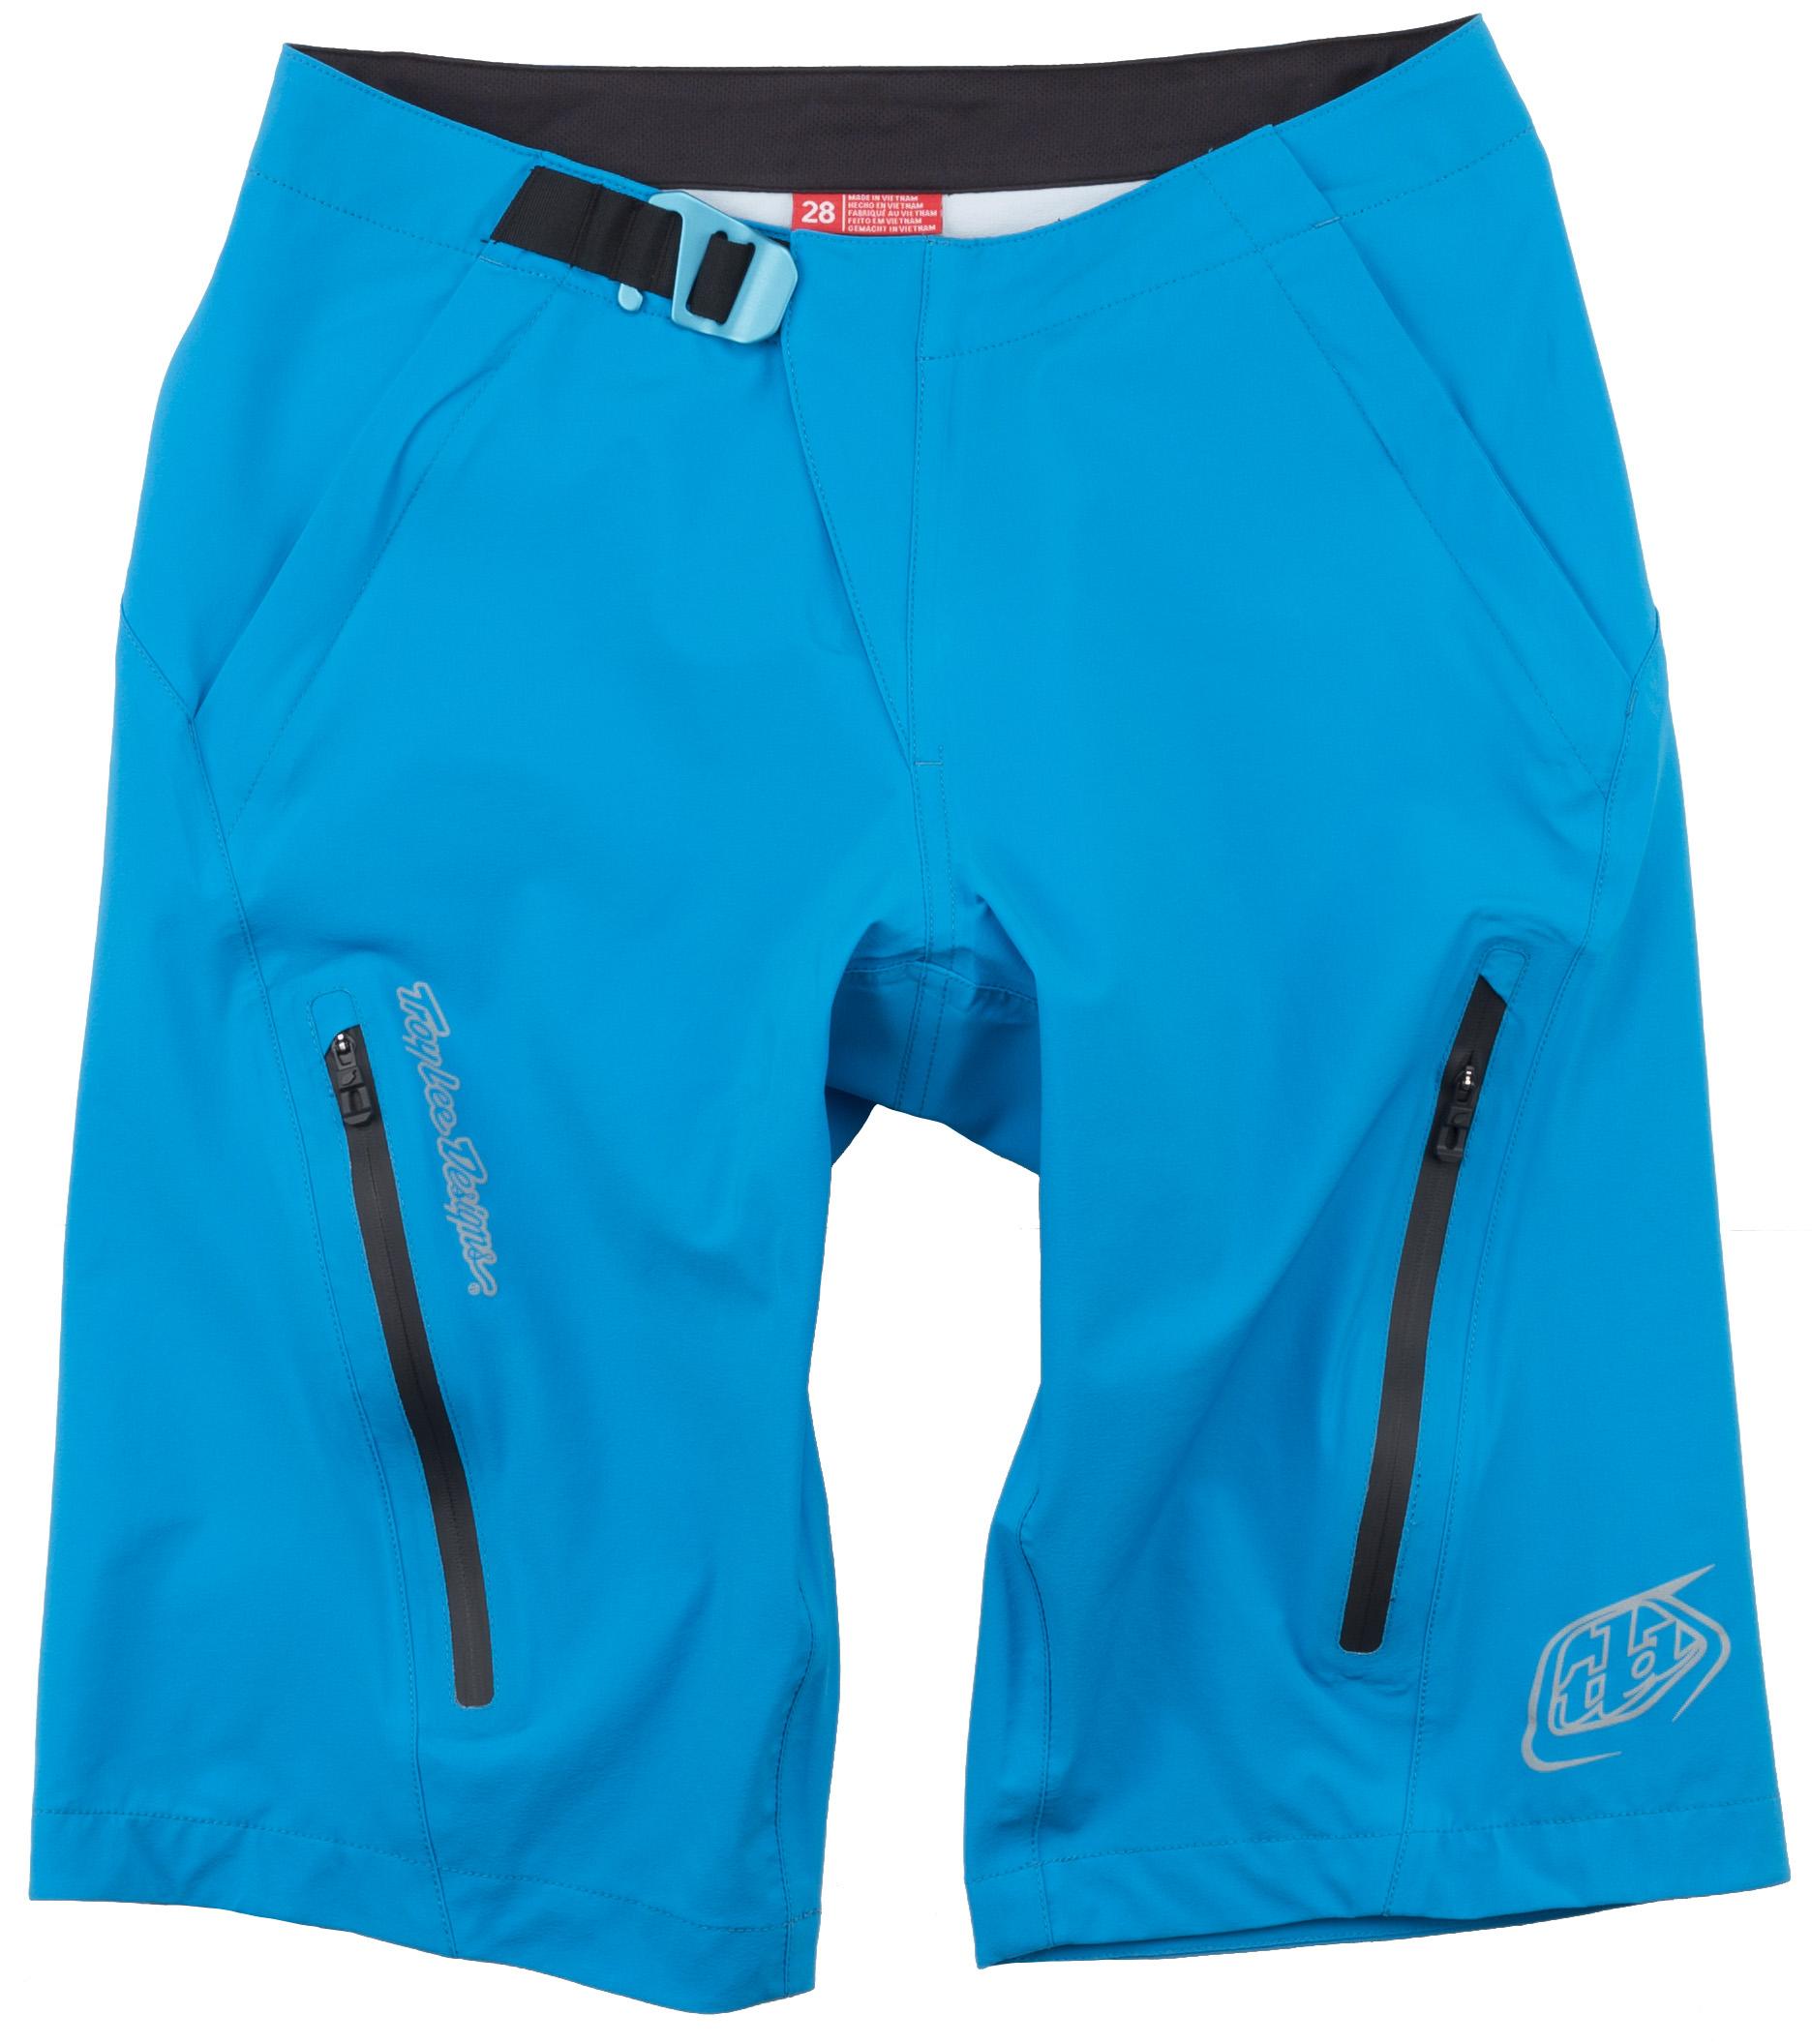 Troy Lee Designs Resist MTB Shorts Men's Size 38 in Ocean